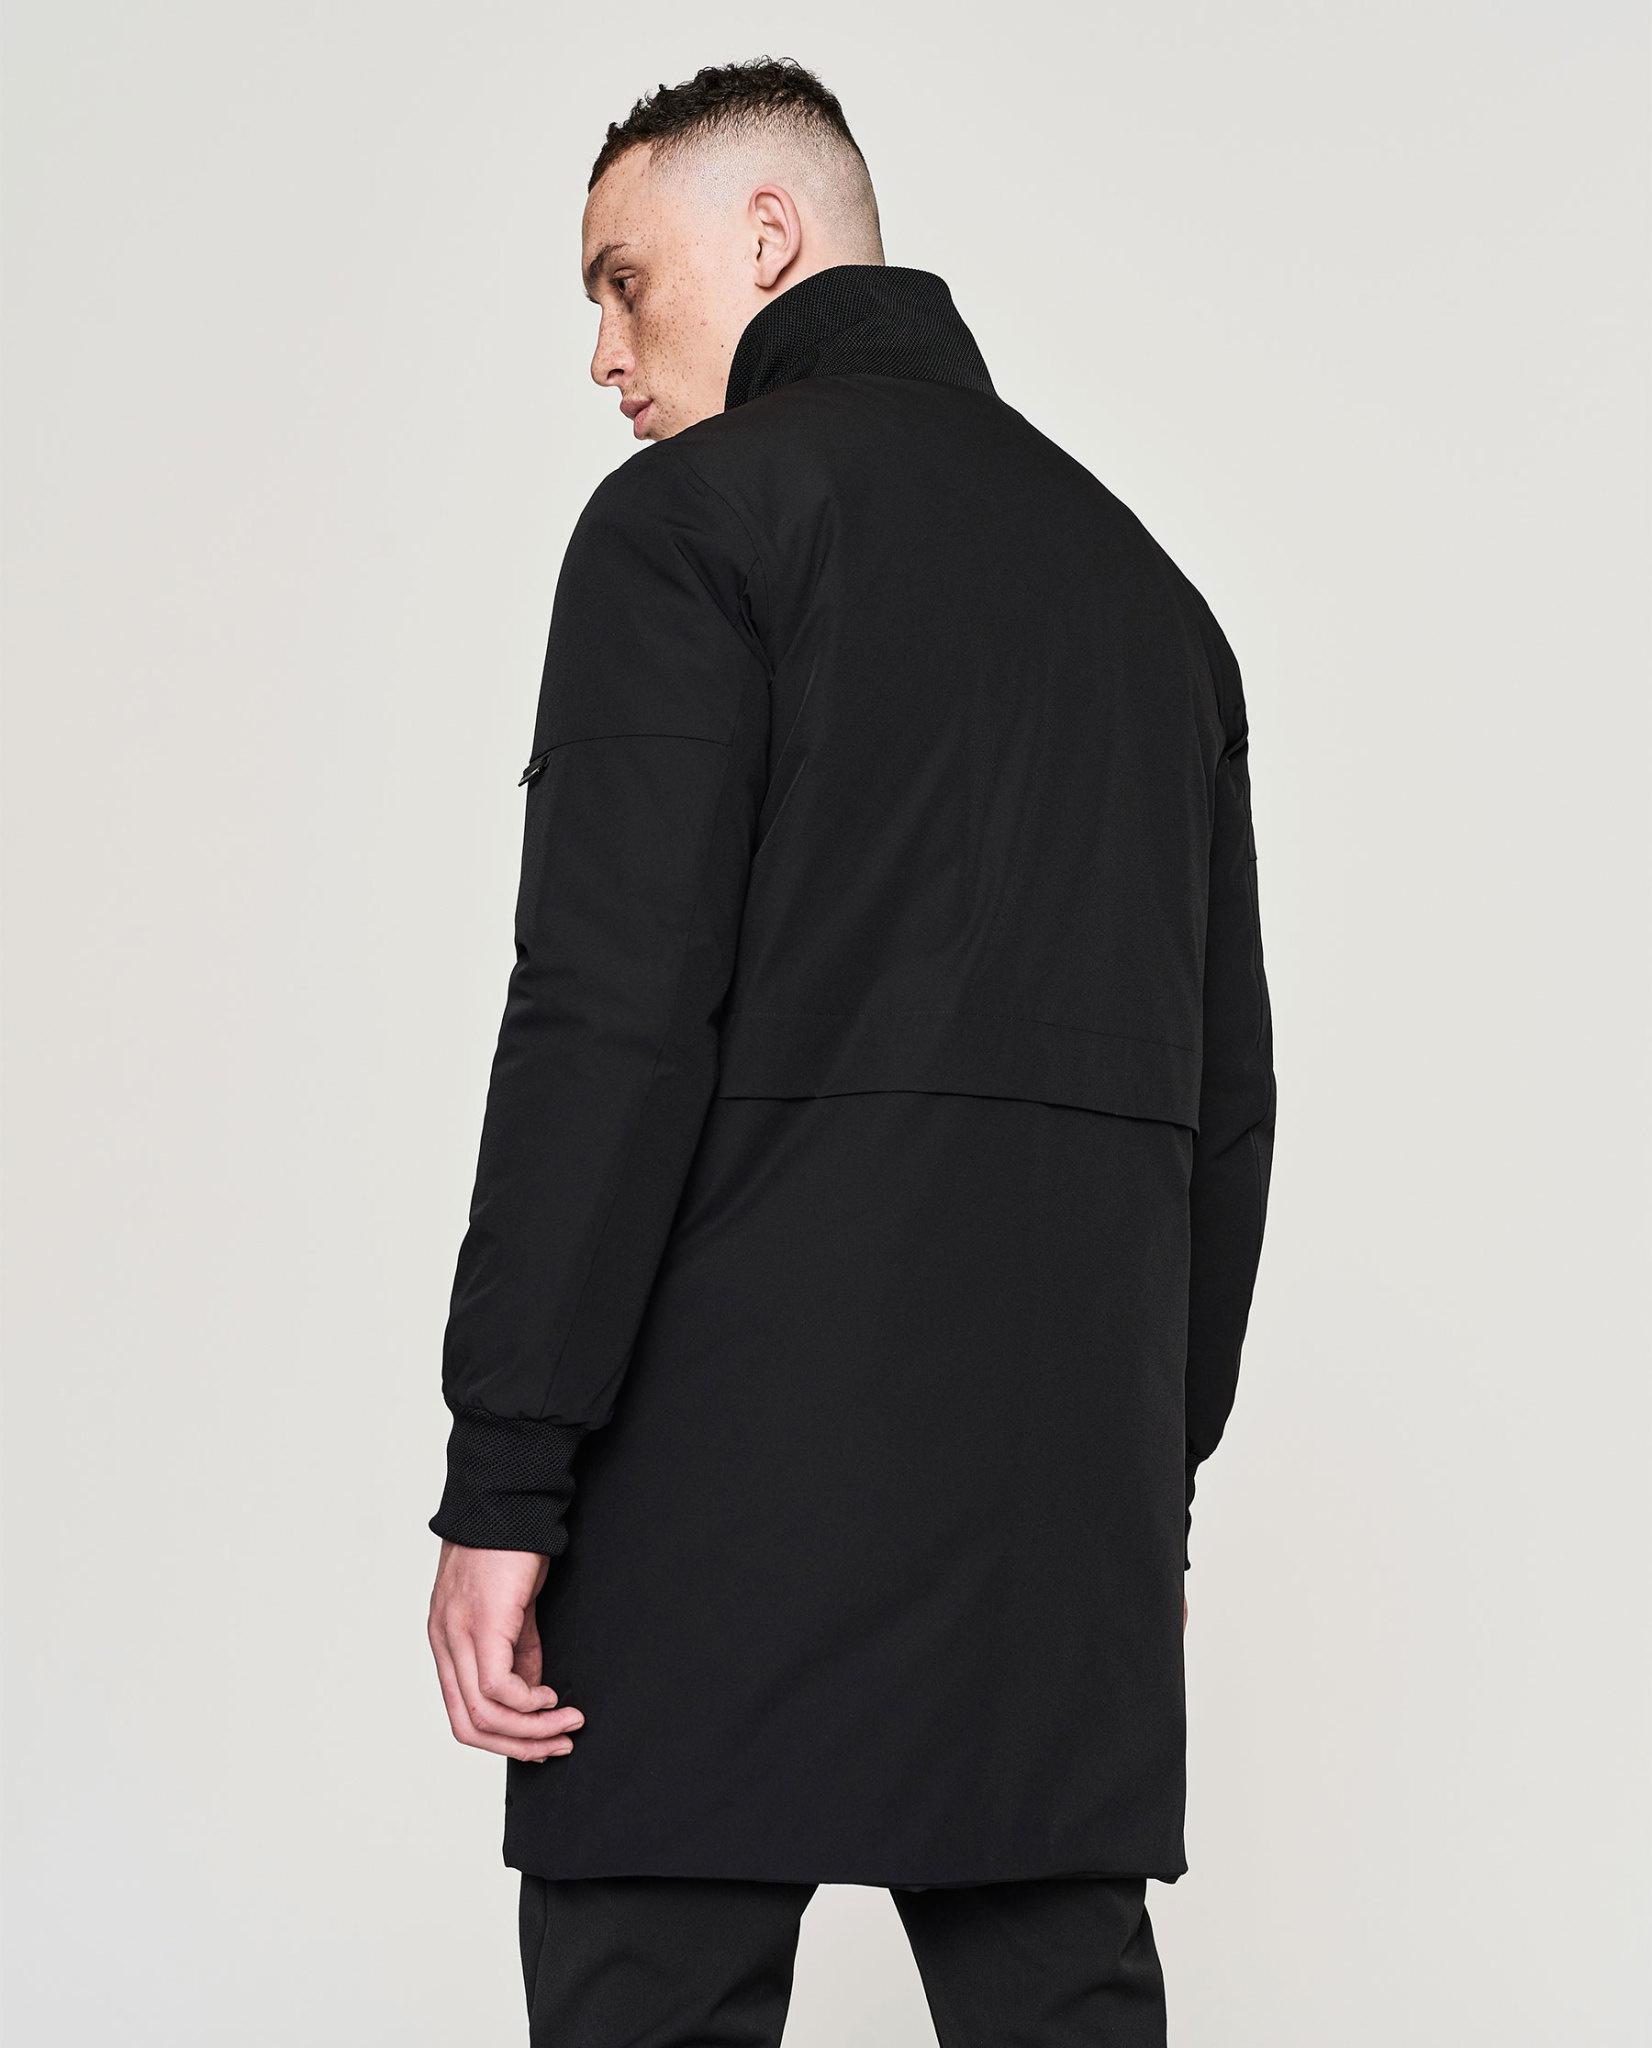 Elvine Elvine Lord Jacket Black